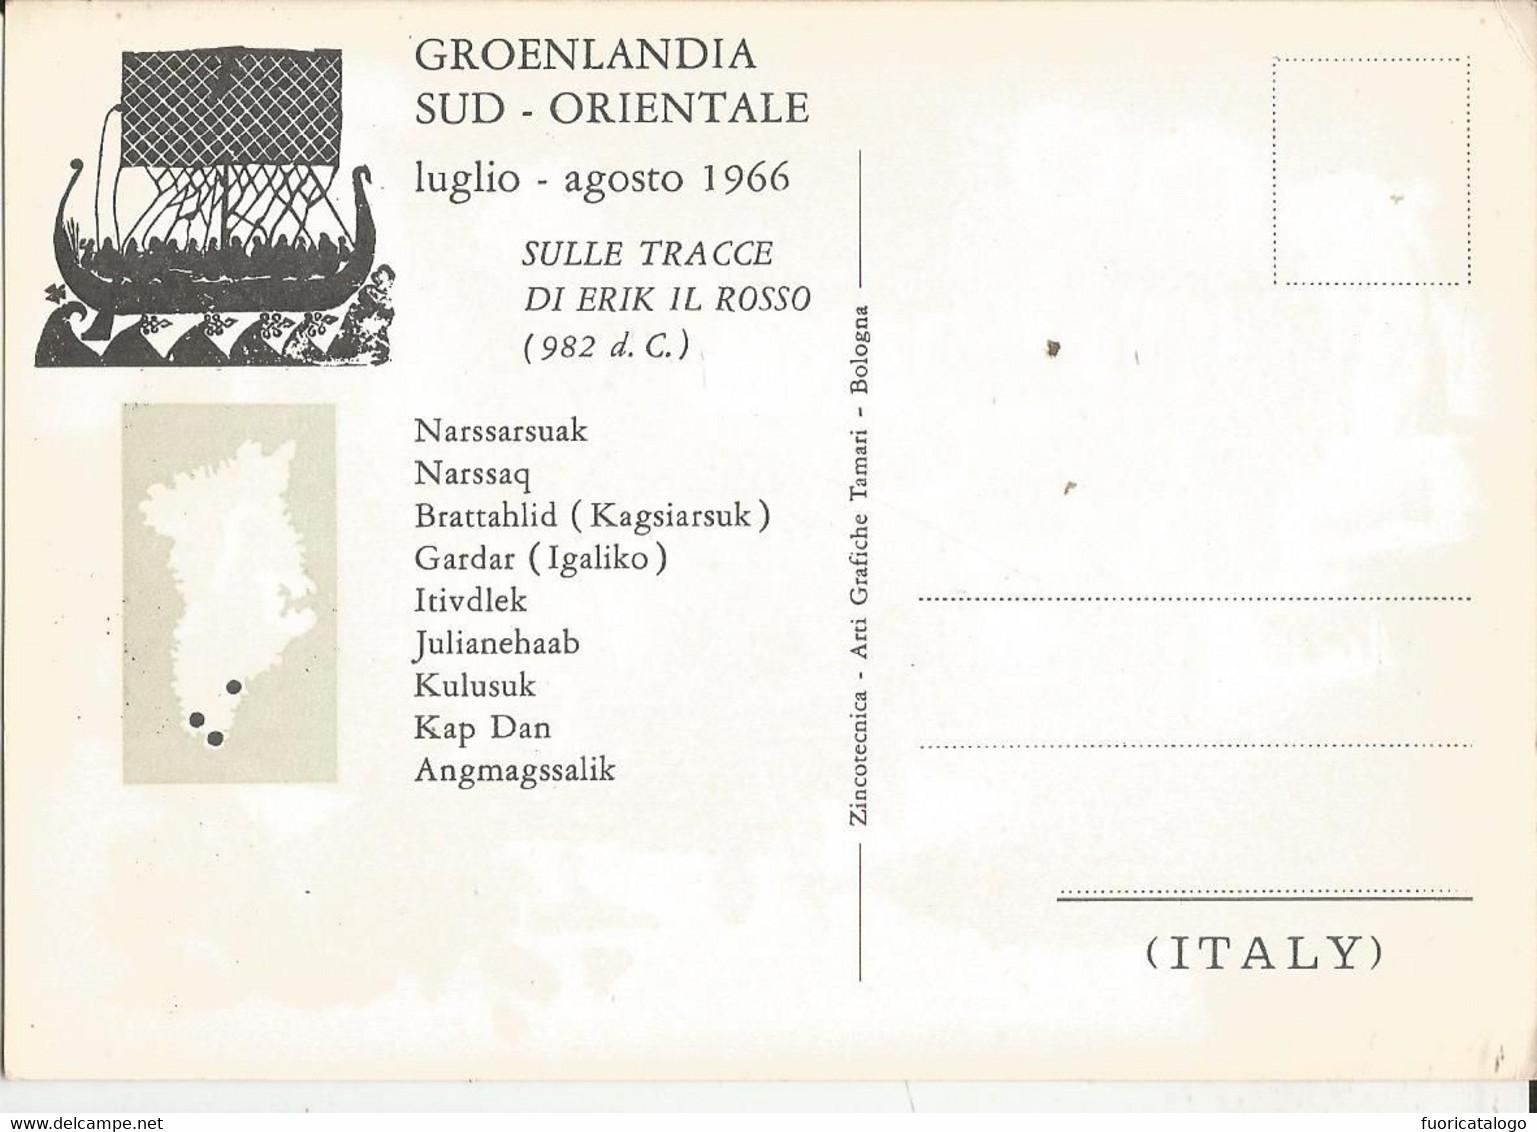 SULLE TRACCE DI ERIK IL ROSSO-GROENLANDIA SUD ORIENTALE -LUGLIO-AGOSTO 1966 -FG. - Missions